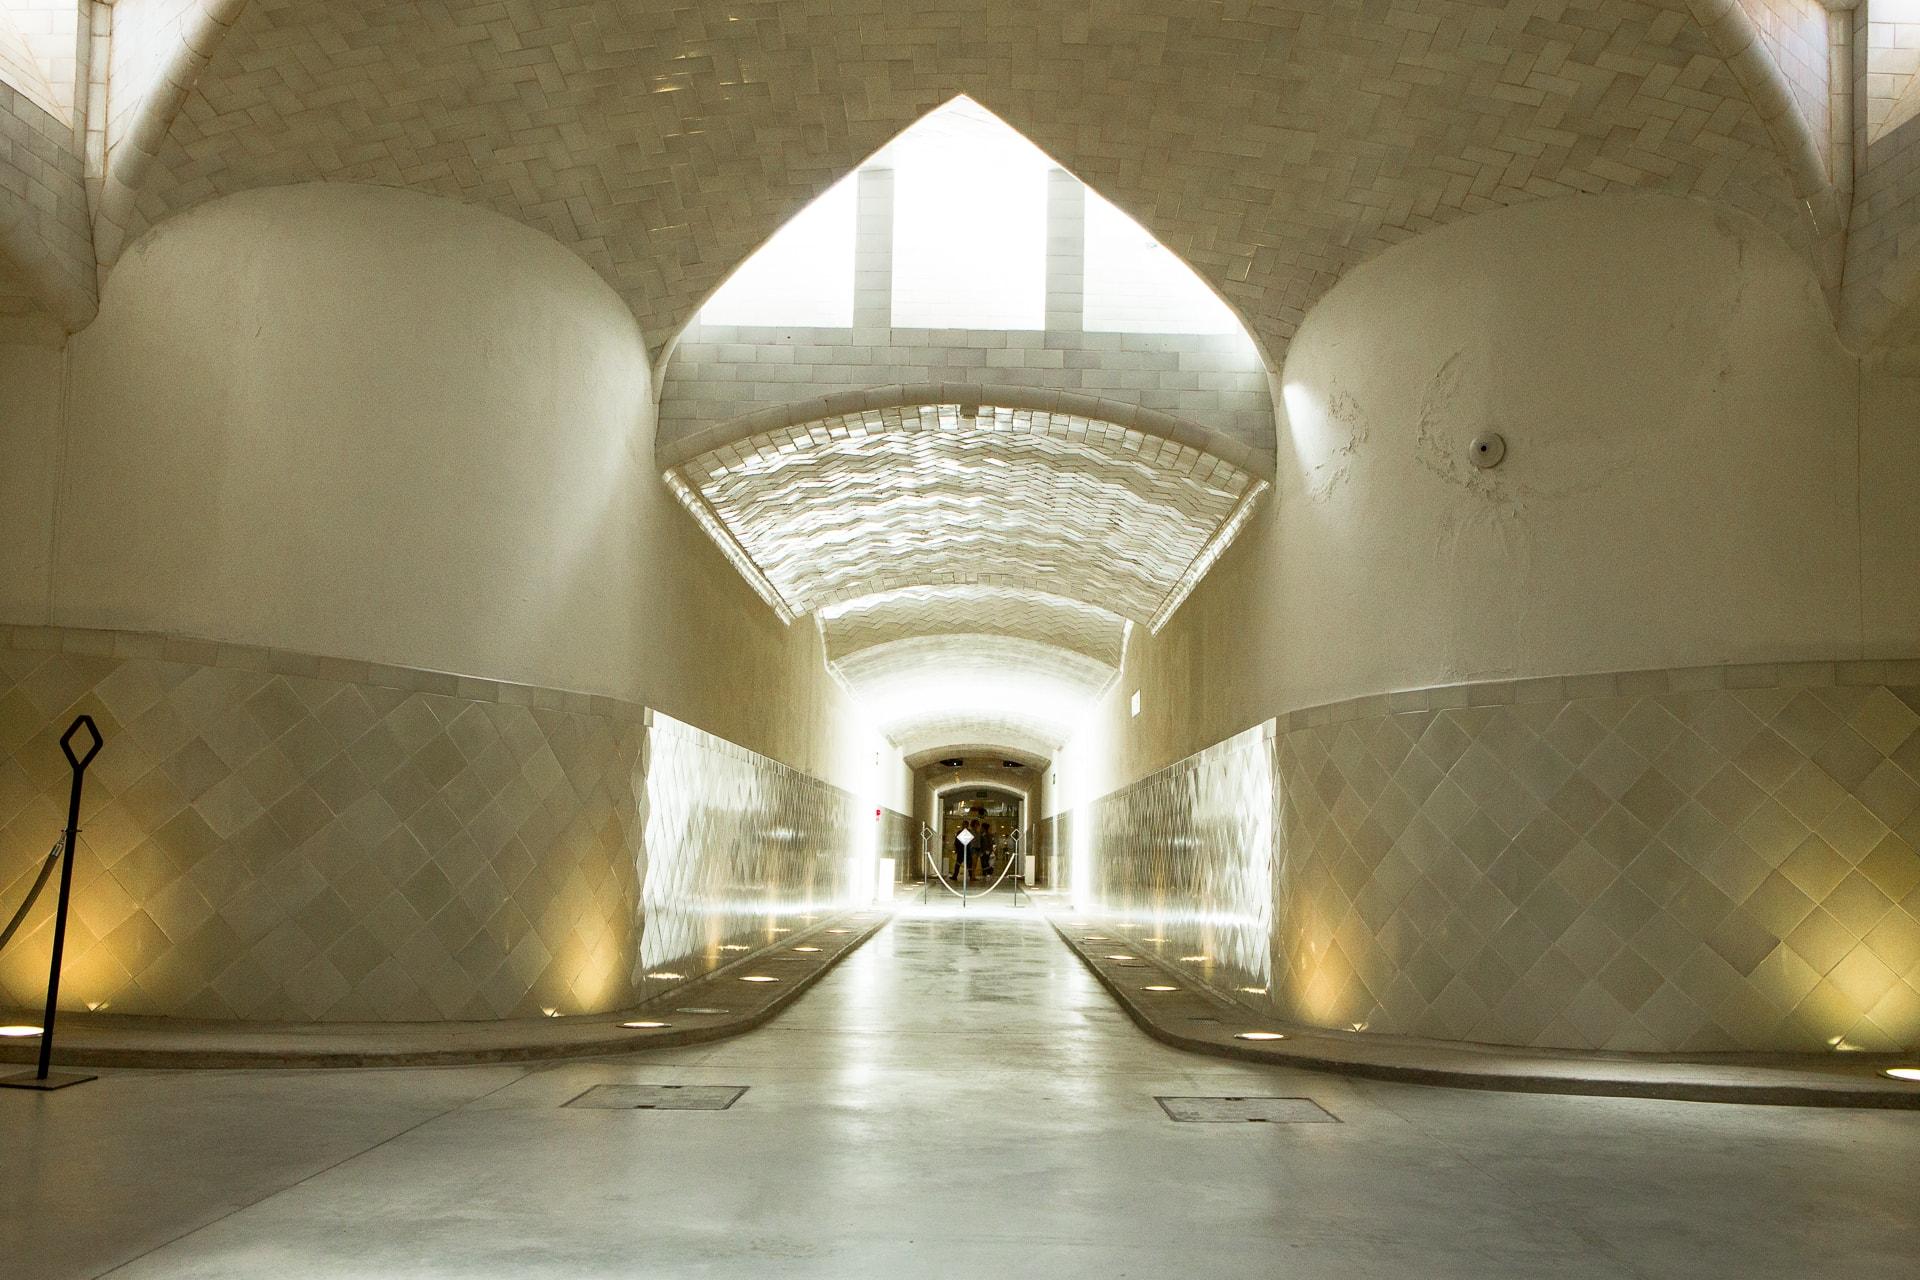 Les tunnels souterrains de l'hospital Sant Pau à Barcelone